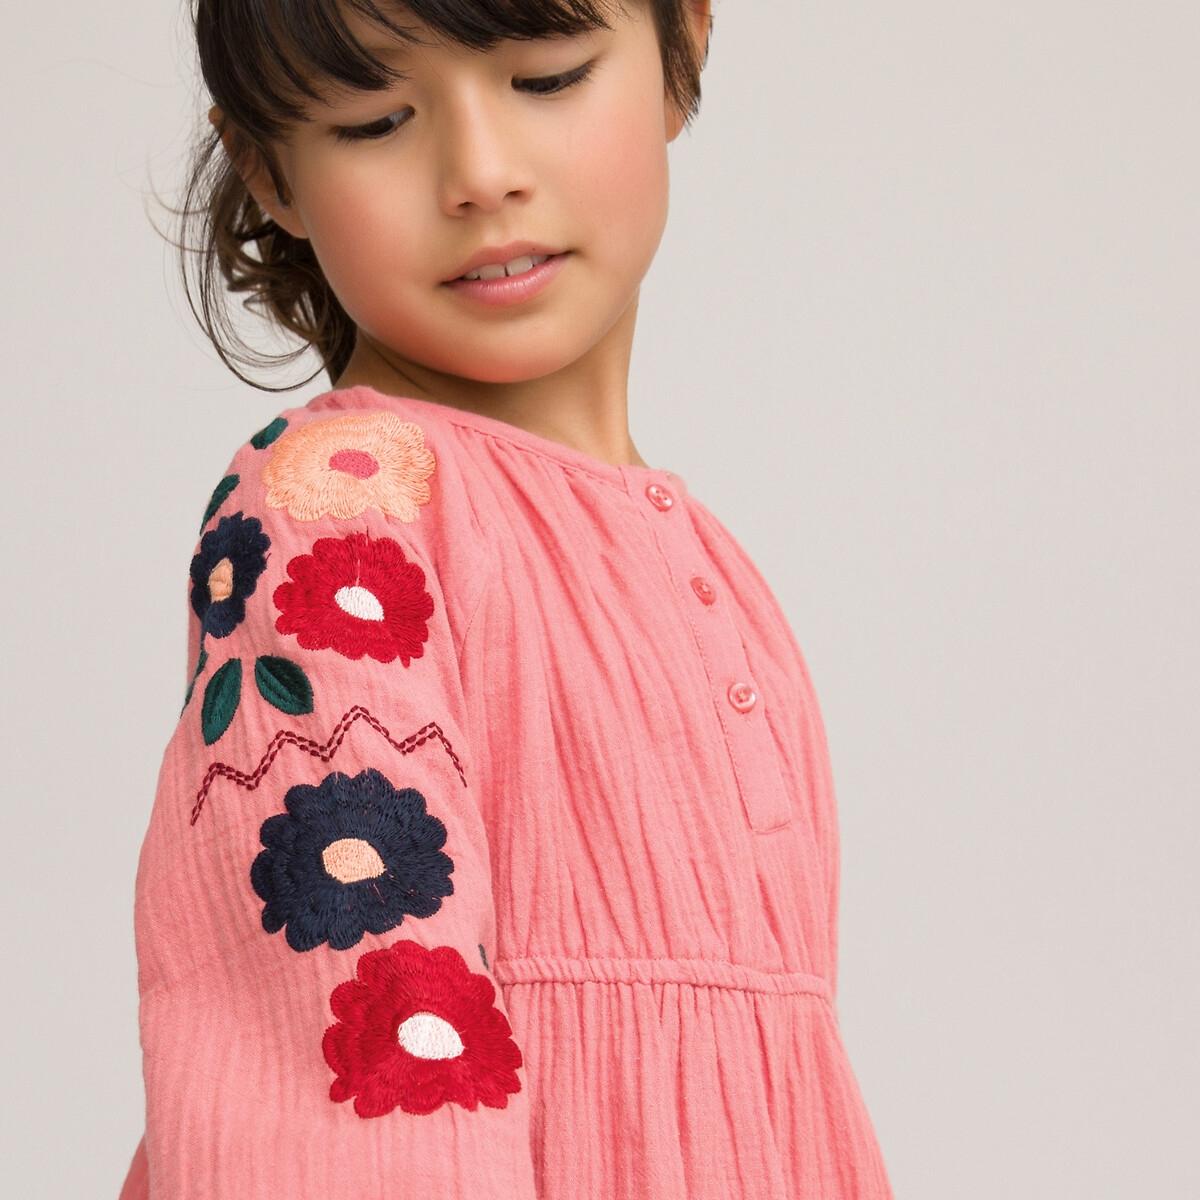 Фото - Платье LaRedoute Из хлопчатобумажной газовой ткани 3-12 лет 7 лет - 120 см розовый платье laredoute с короткими рукавами из хлопчатобумажной газовой ткани 3 12 лет 3 года 94 см розовый